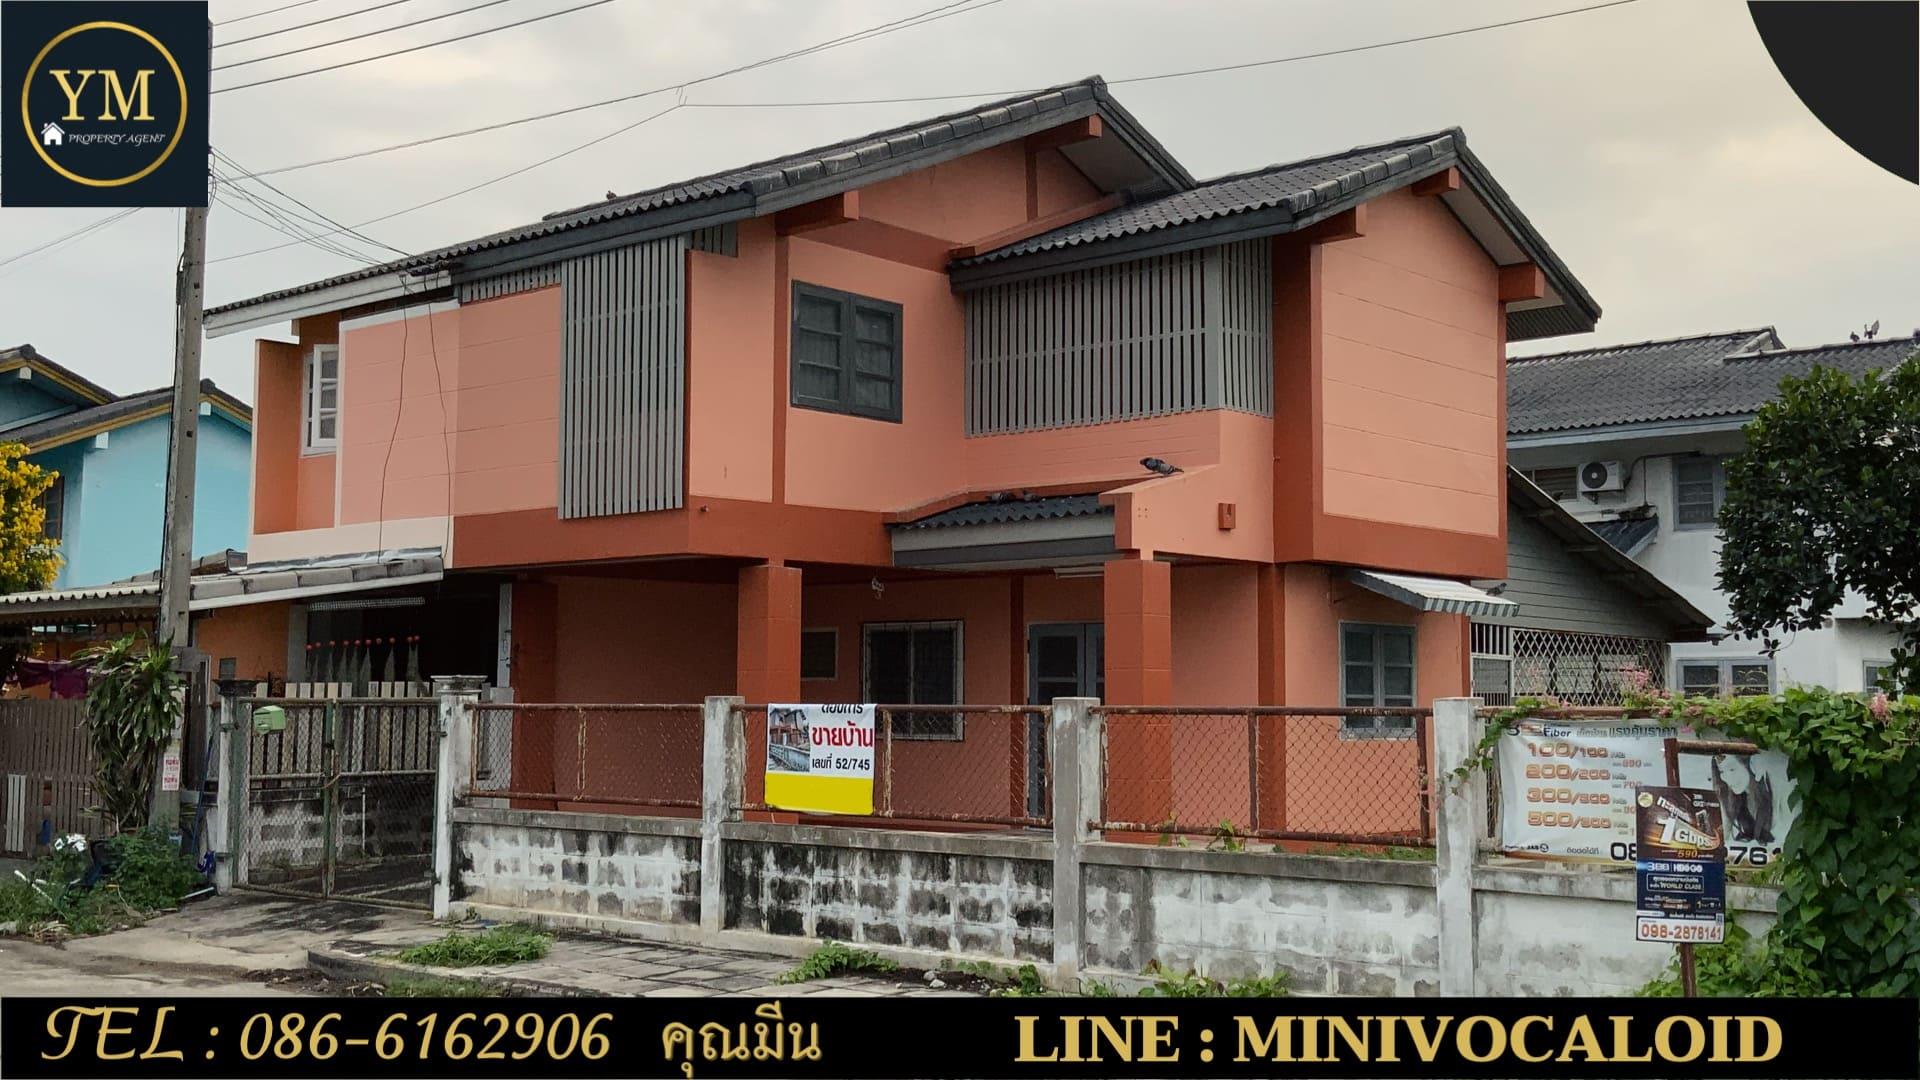 ภาพ+++ขายด่วน+++ บ้านแฝดครึ่งซีก 2 ชั้น 47ตรว. 2 ห้องนอน 2 ห้องน้ำ